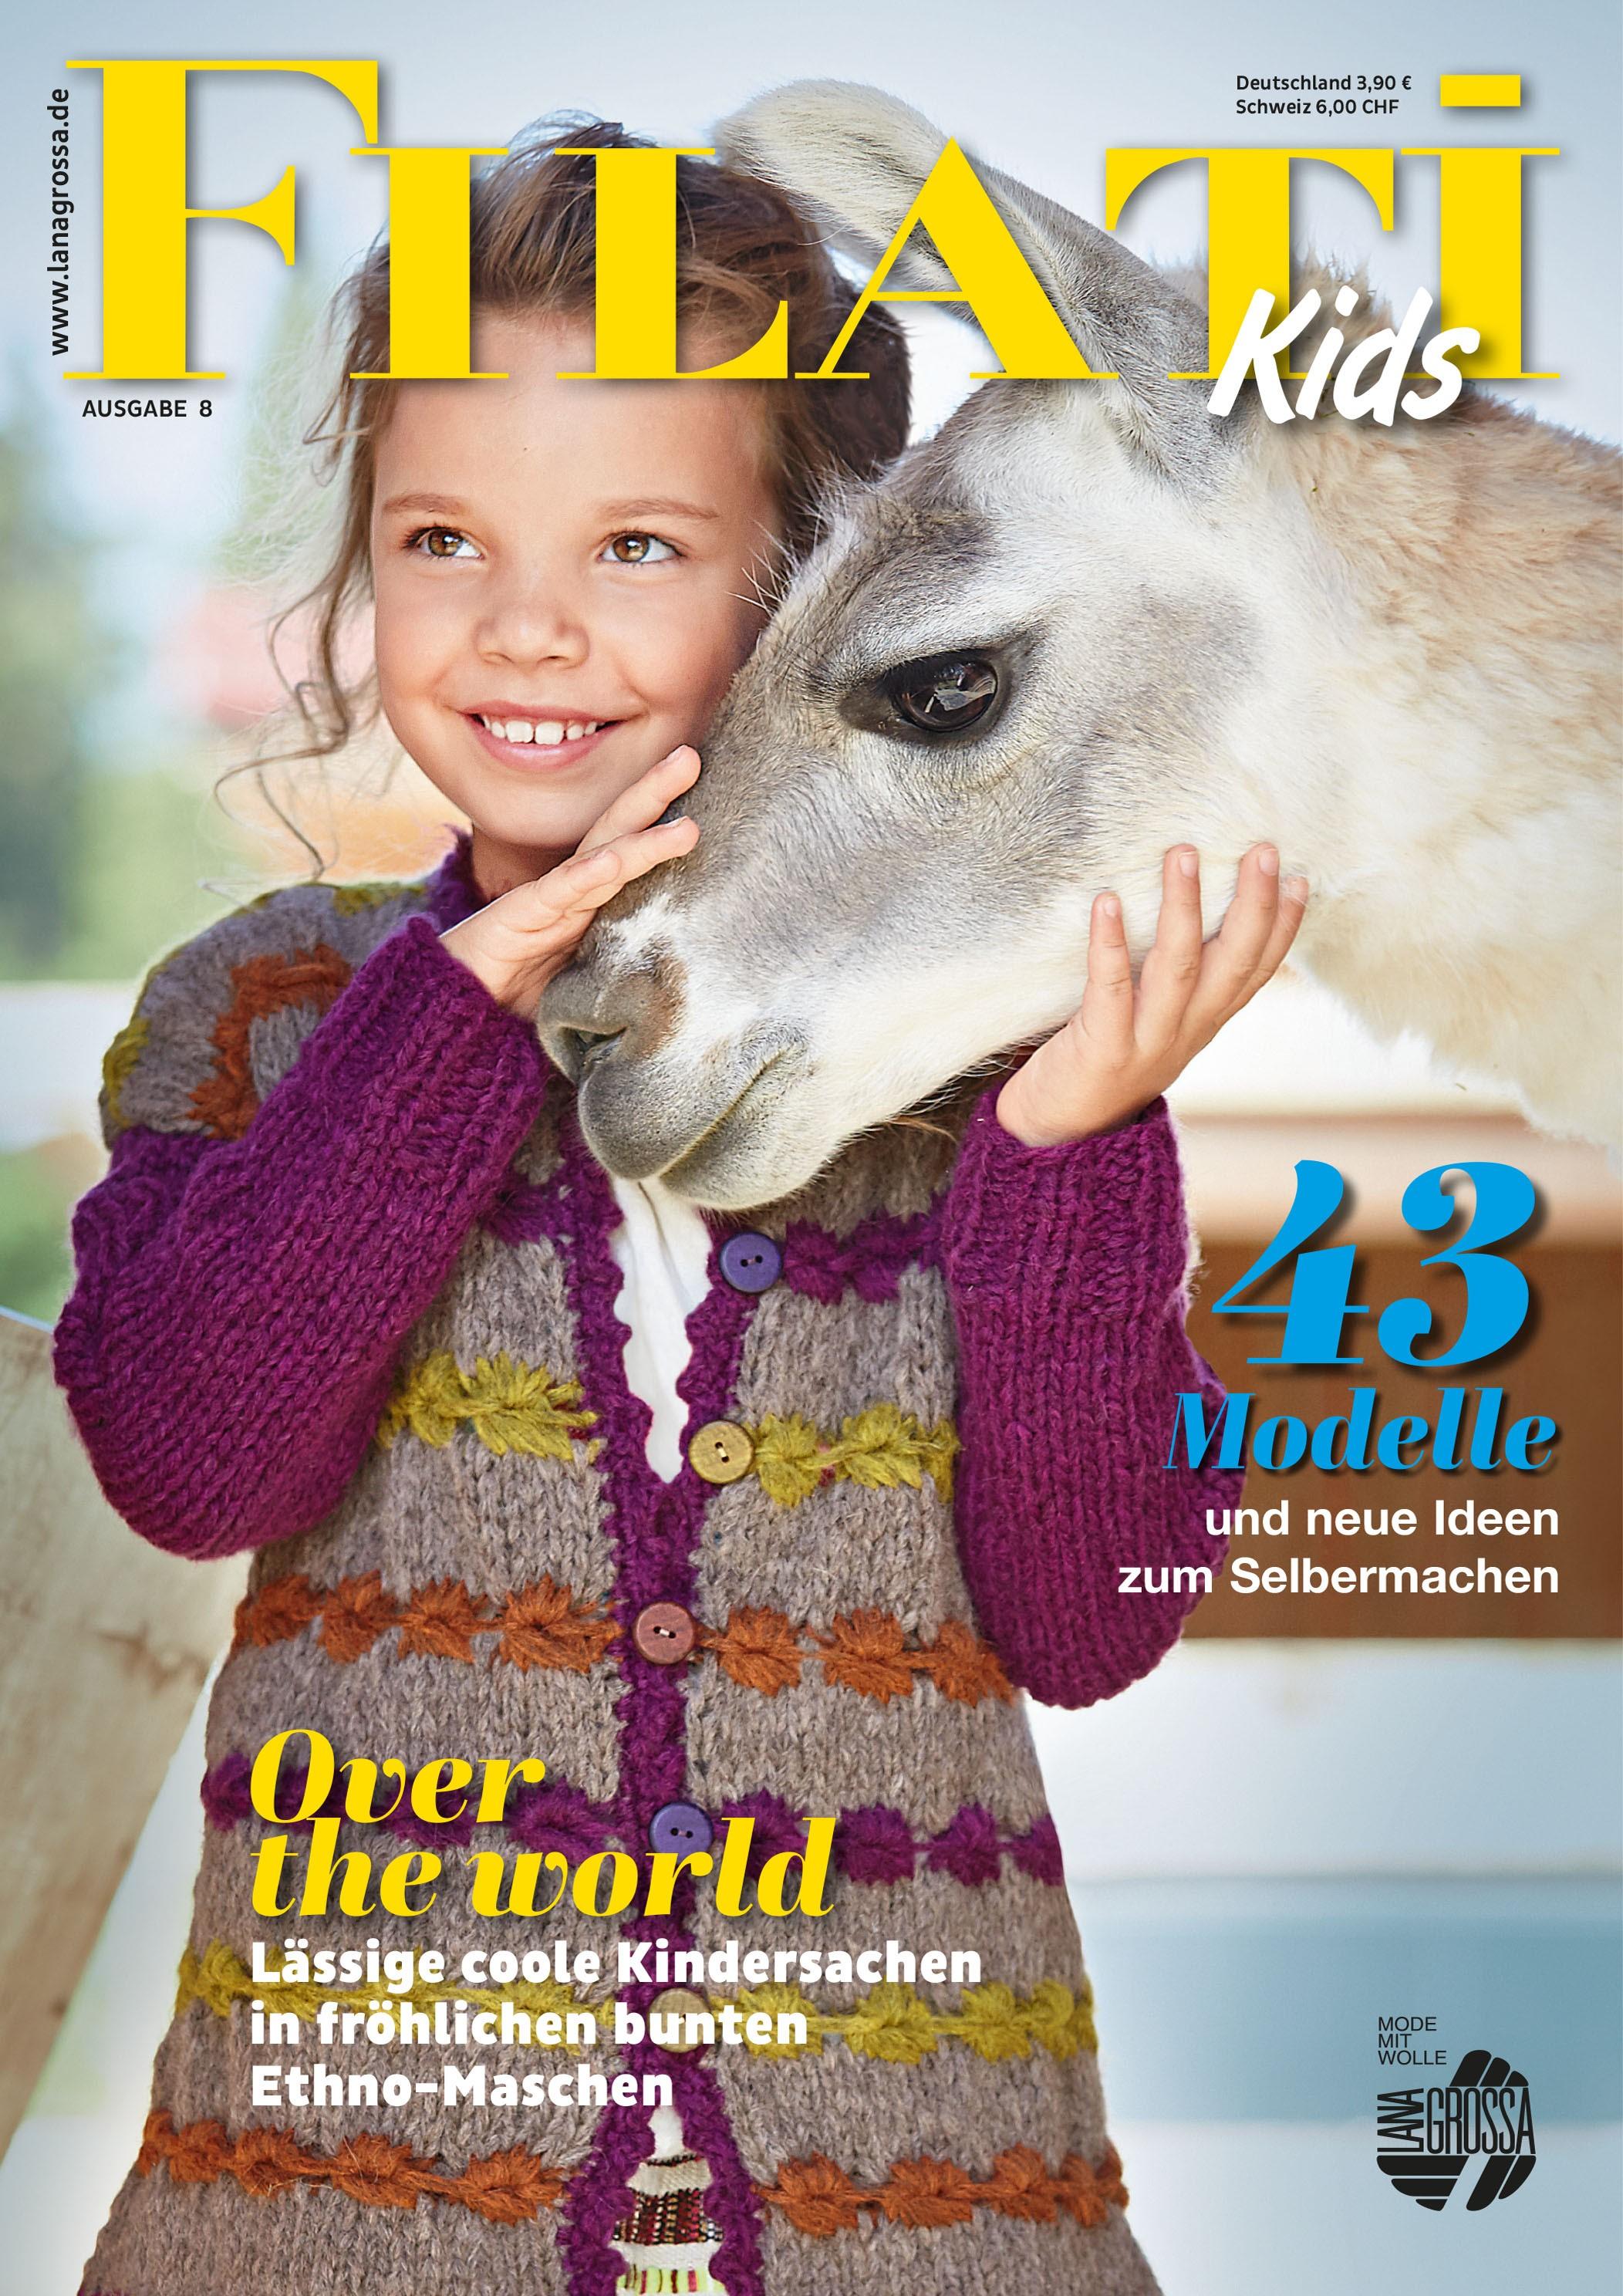 Lana Grossa FILATI Kids No. 8 - Журнал на немецком и на русском языке инструкции